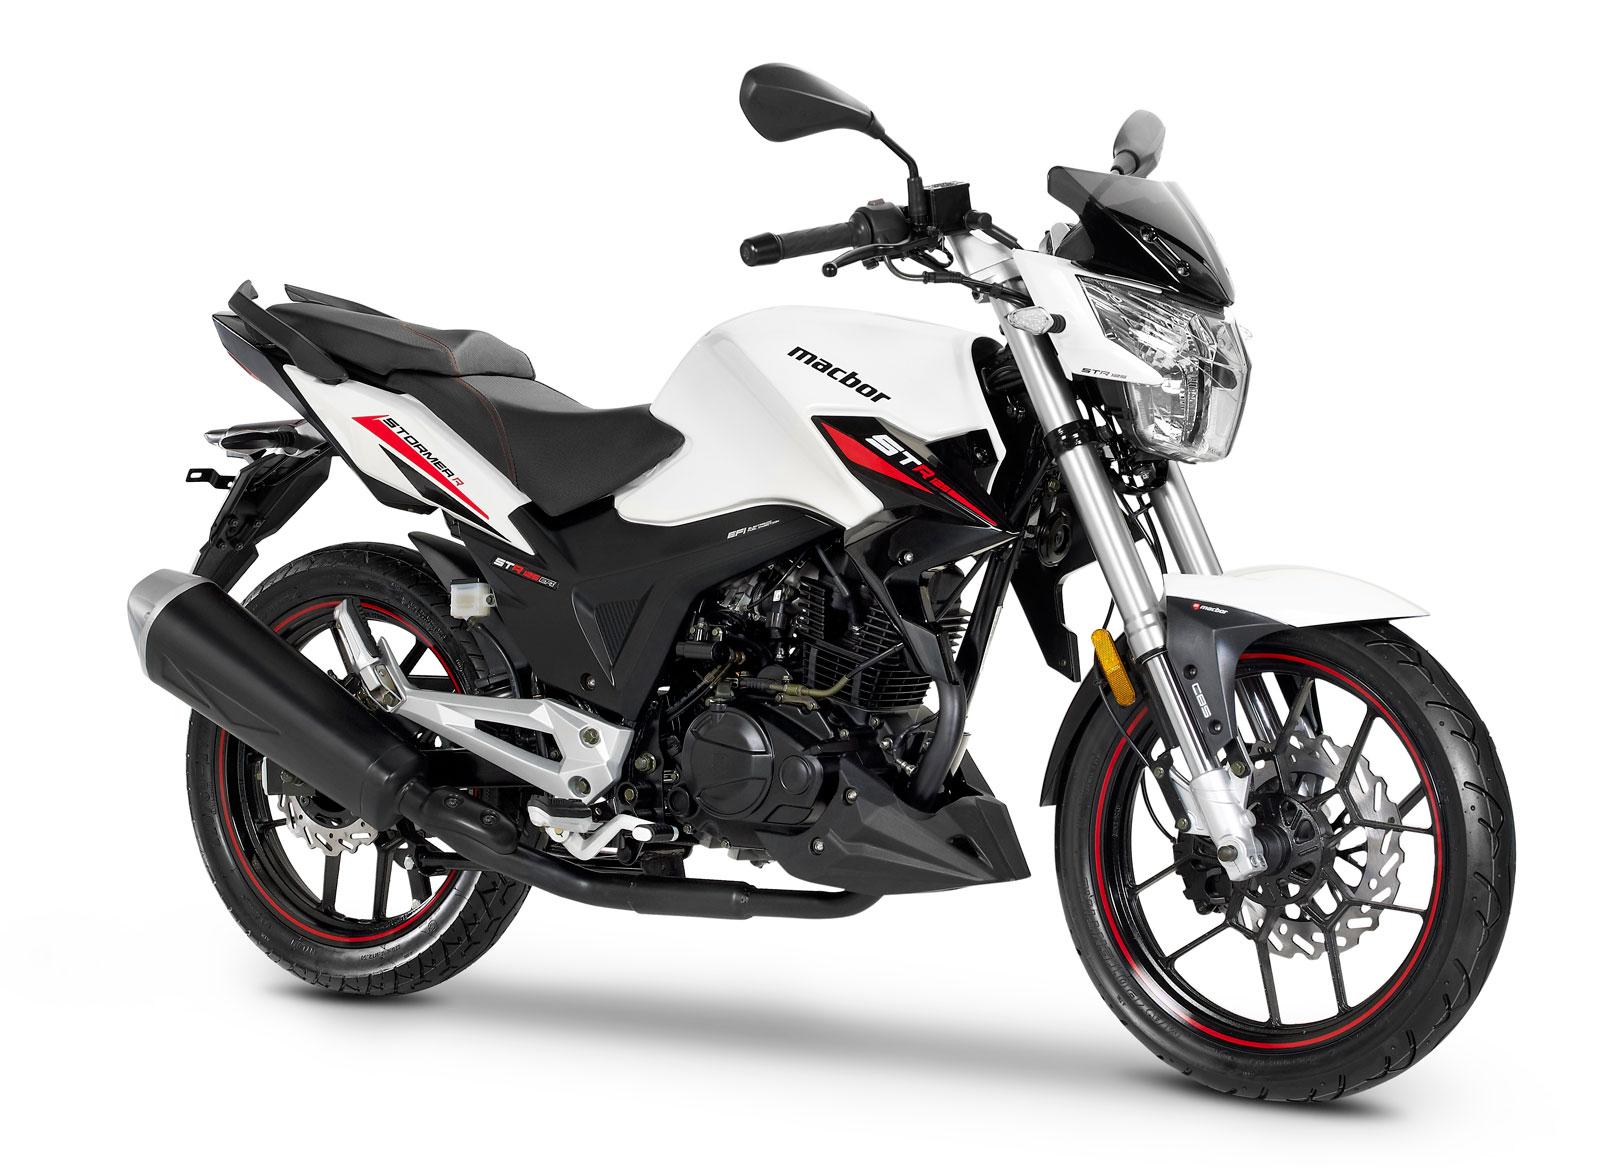 Una moto perfecta y asequible para iniciarse en el mundo de la moto, además de sus funciones para moverse por la ciudad y disfrutar de desplazamientos cortos por carretera.